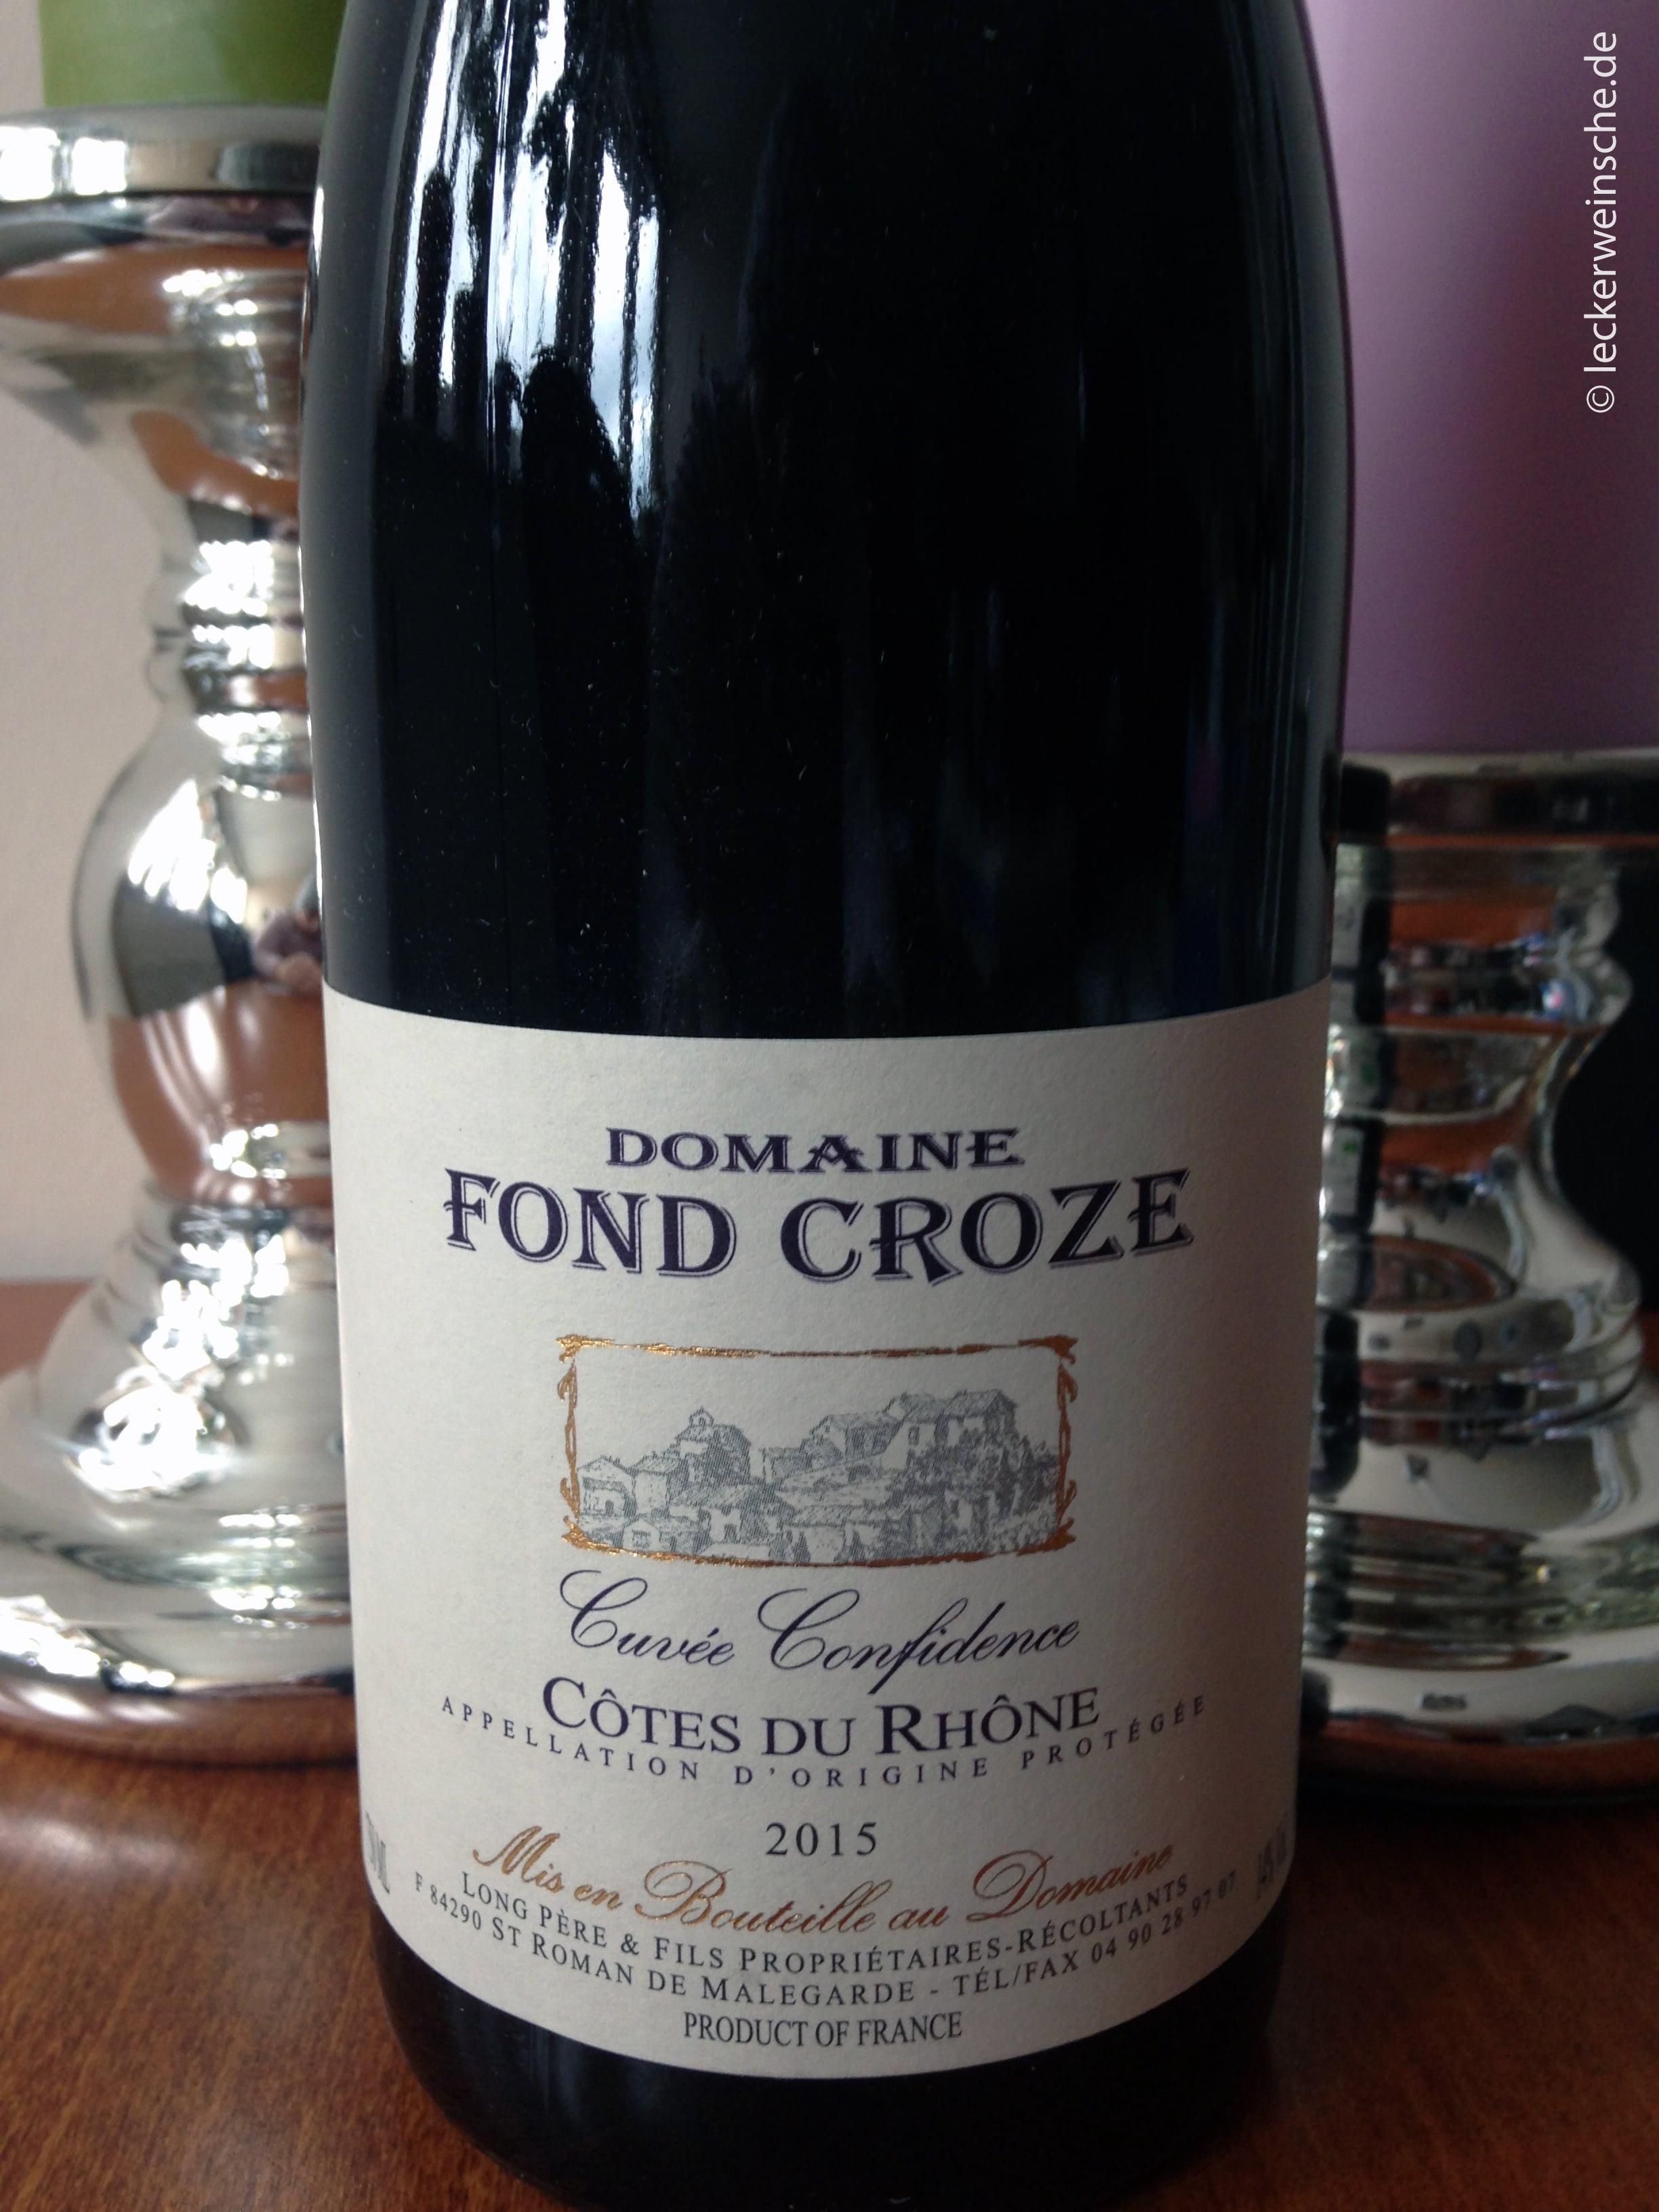 Domaine Fond Croze Côte du Rhone 2015